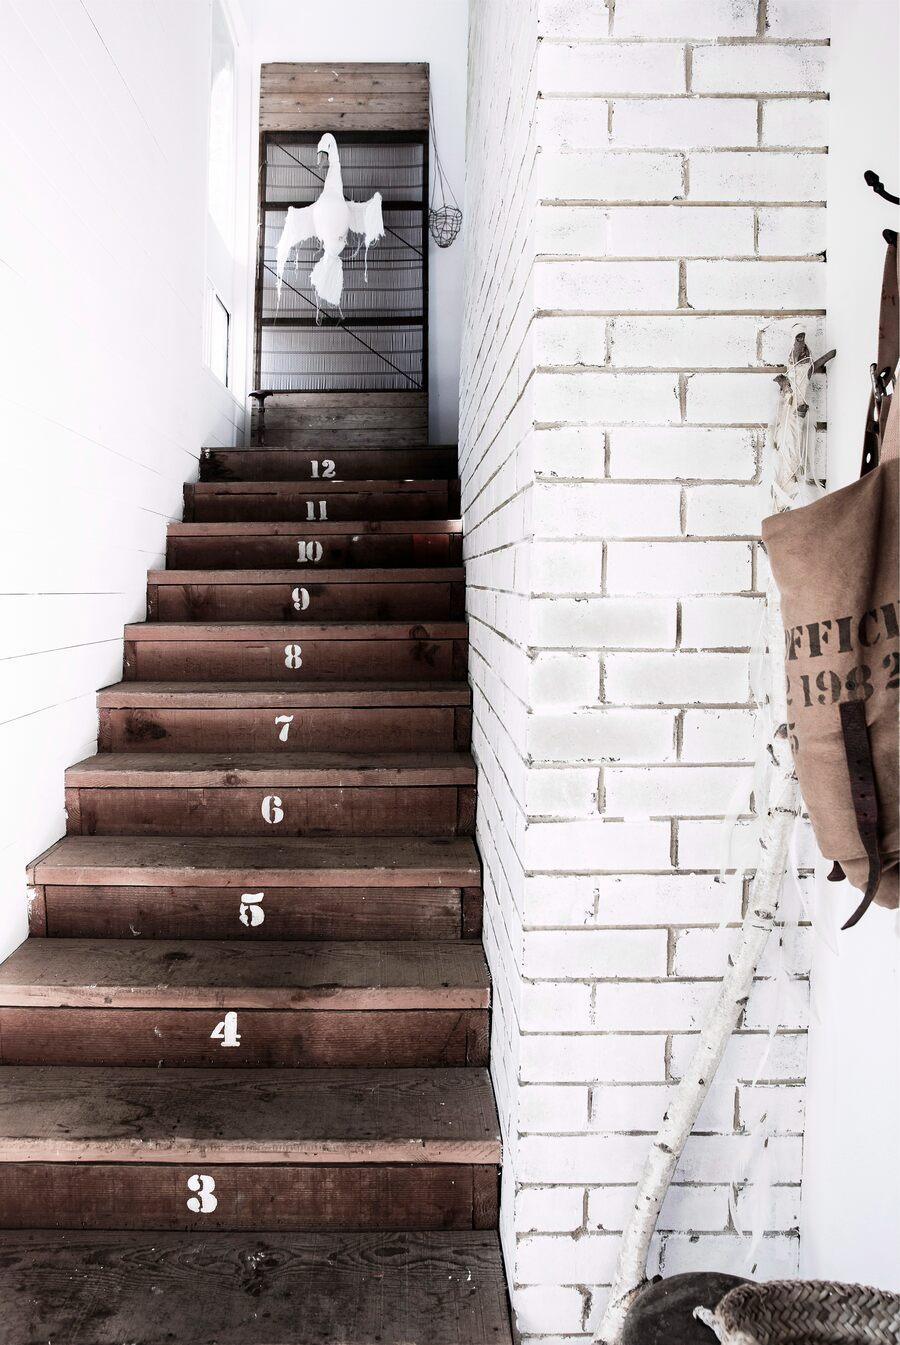 Escalera de interiores de madera oscura con números